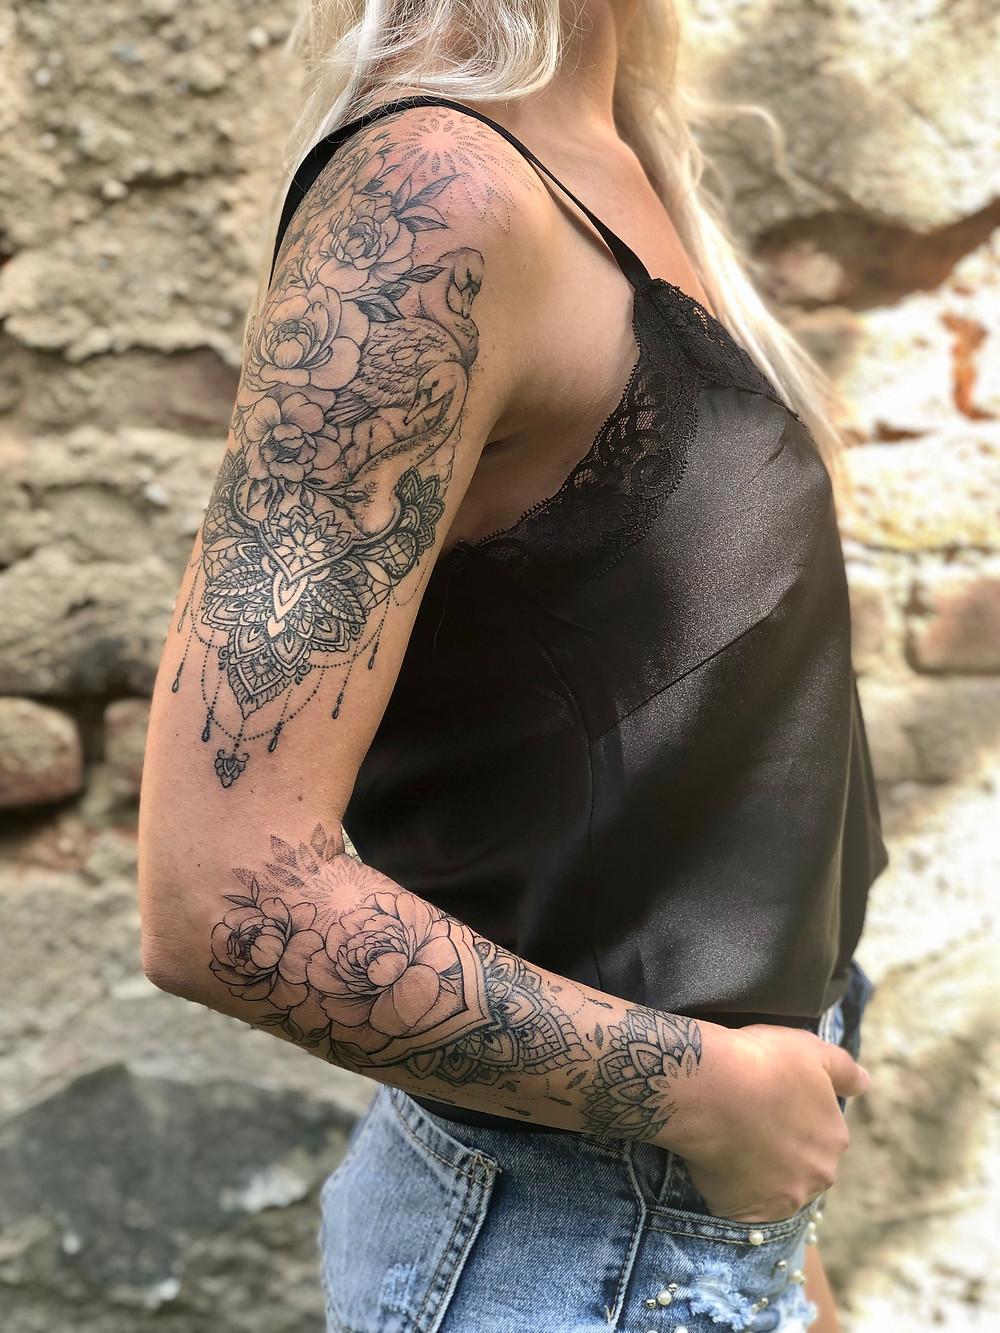 Mandalkový rukáv tetování